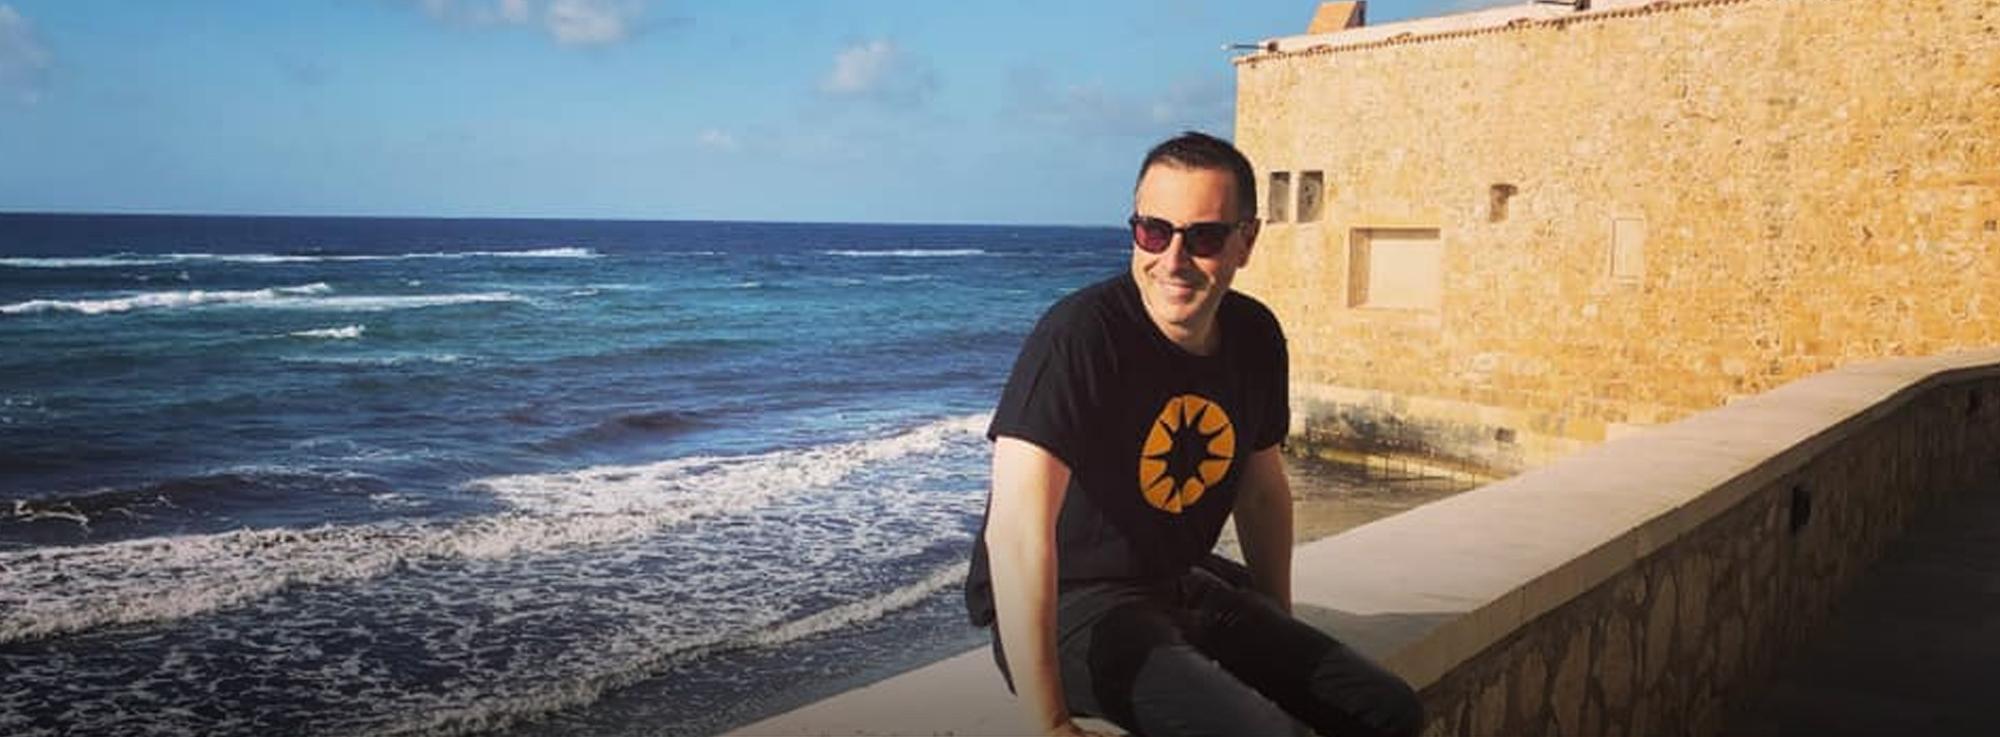 Trani: Luca Bianchini - So che un giorno tornerai